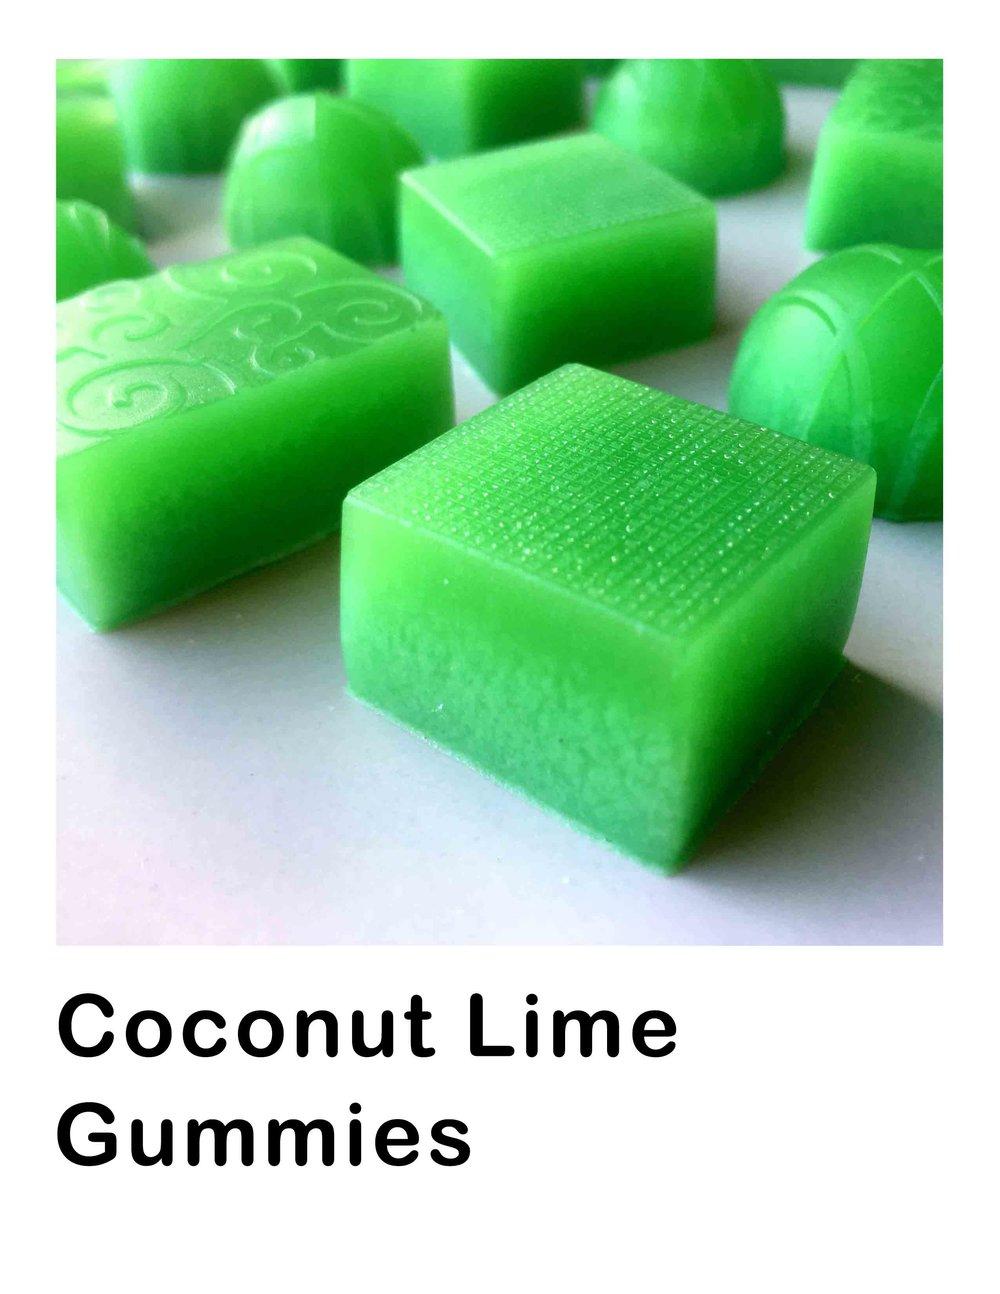 Low Carb Coconut Lime Gummies